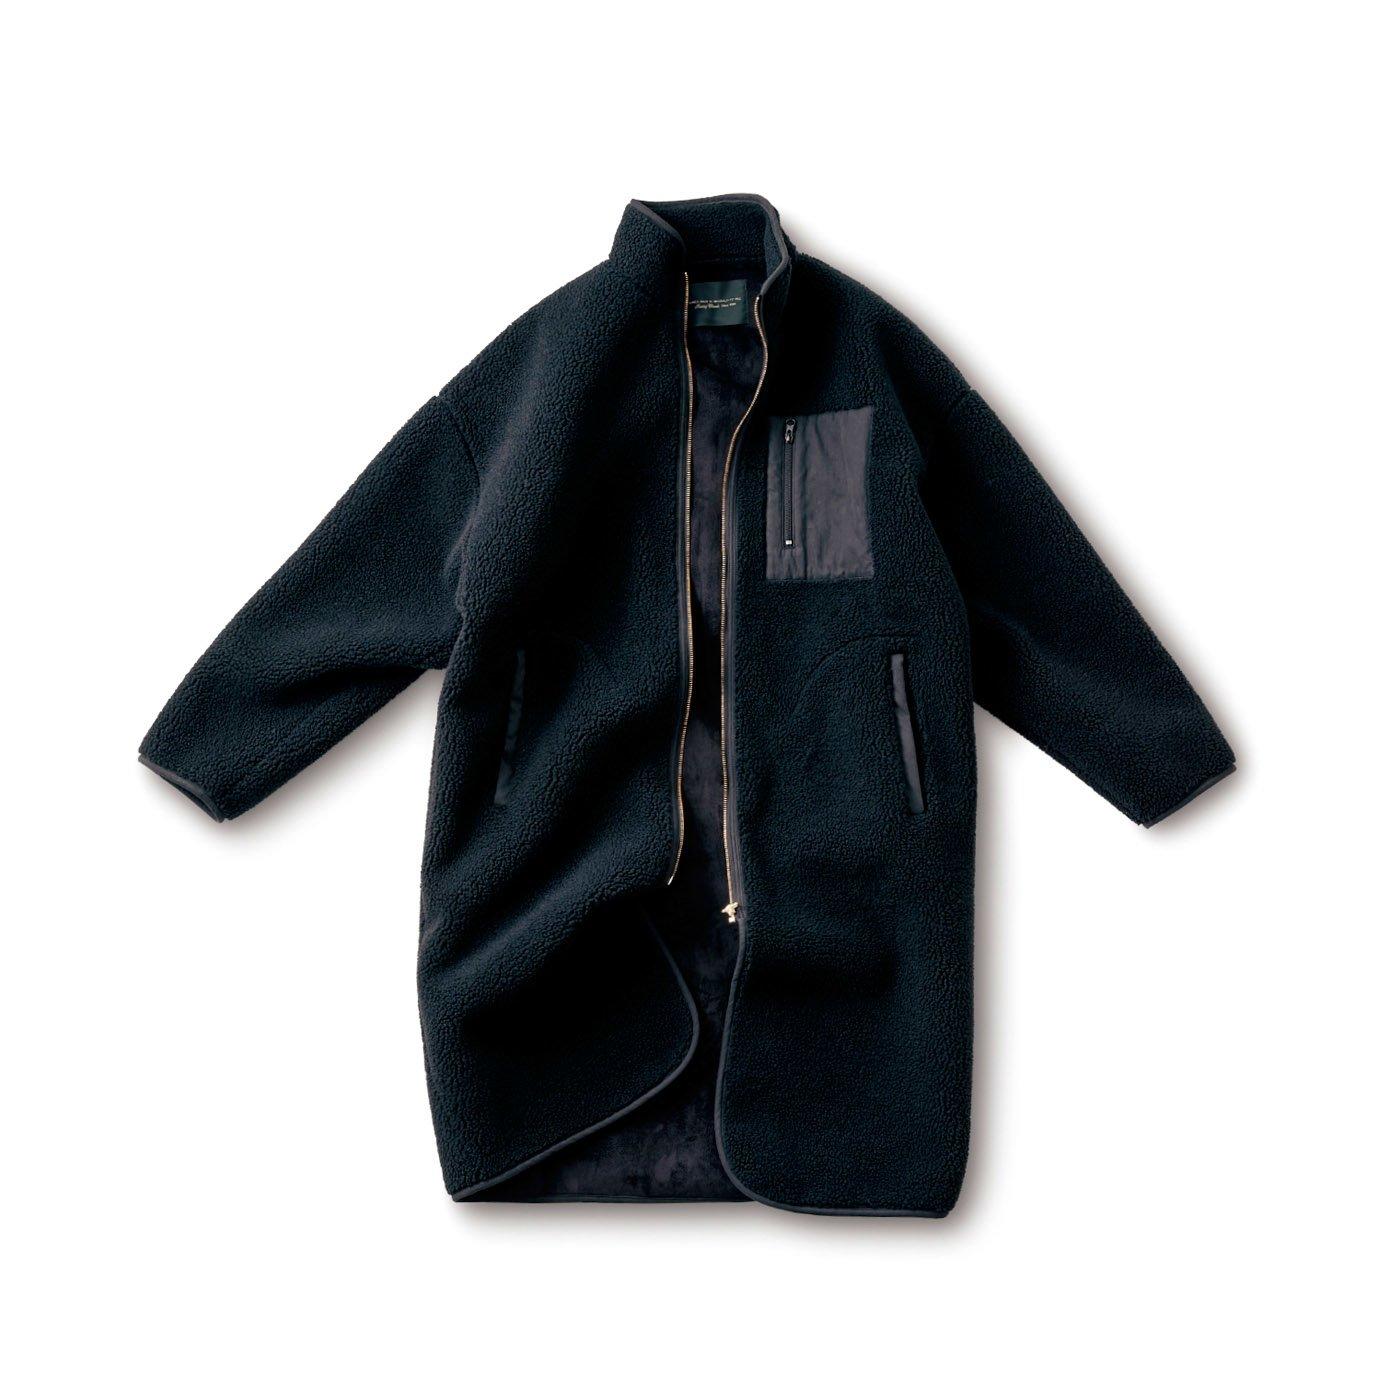 SUNNY CLOUDS 漆黒のボアコート〈メンズ〉